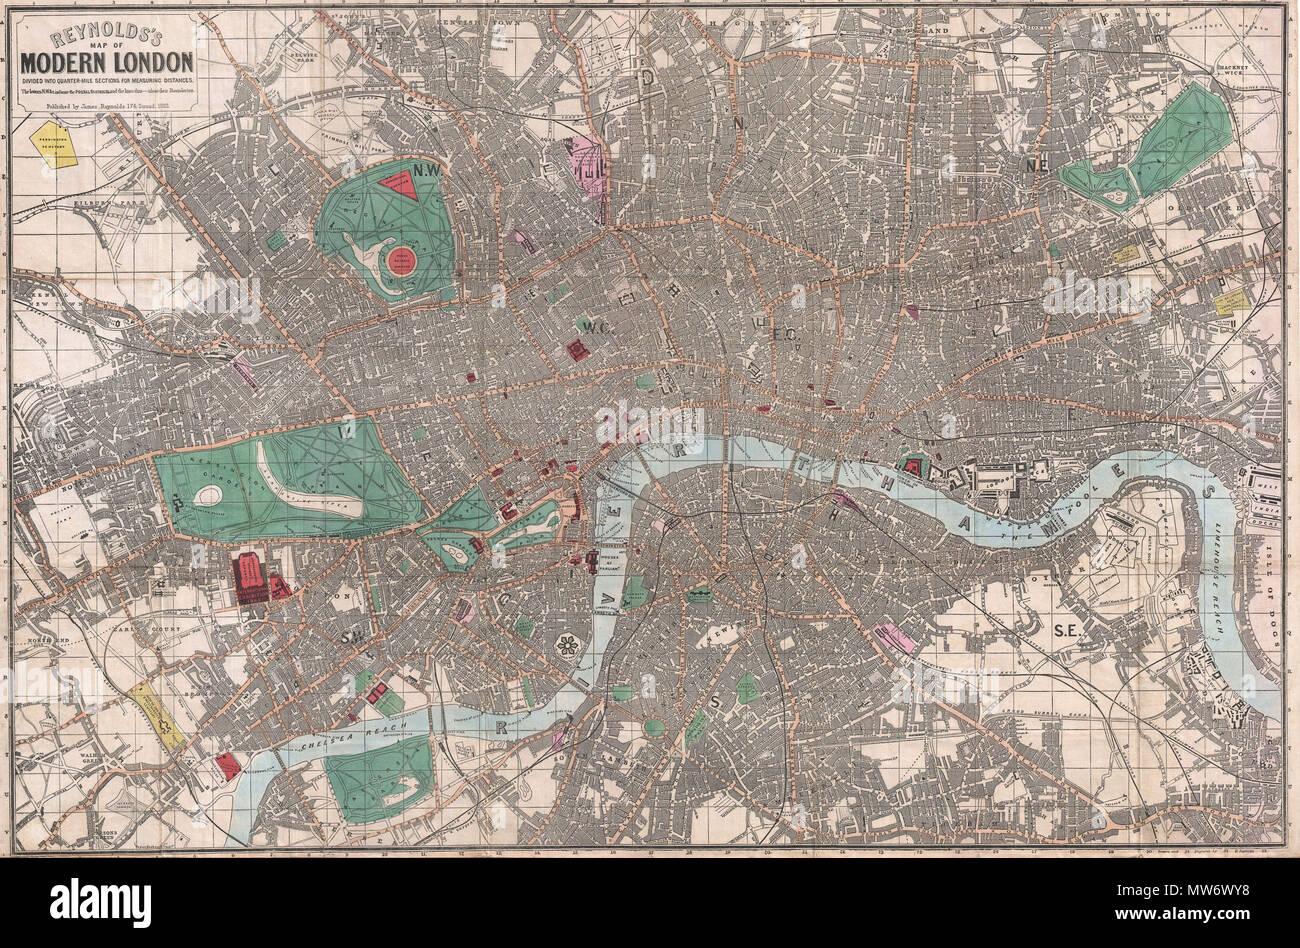 Cartina Di Londra Monumenti.La Reynolds La Mappa Di Moderno London Diviso In Sezioni Quarter Mile Per La Misurazione Di Distanze Inglese Un Esempio Incontaminate Di James Reynolds 1662 Pocket Mappa Di Londra Inghilterra Copre Il